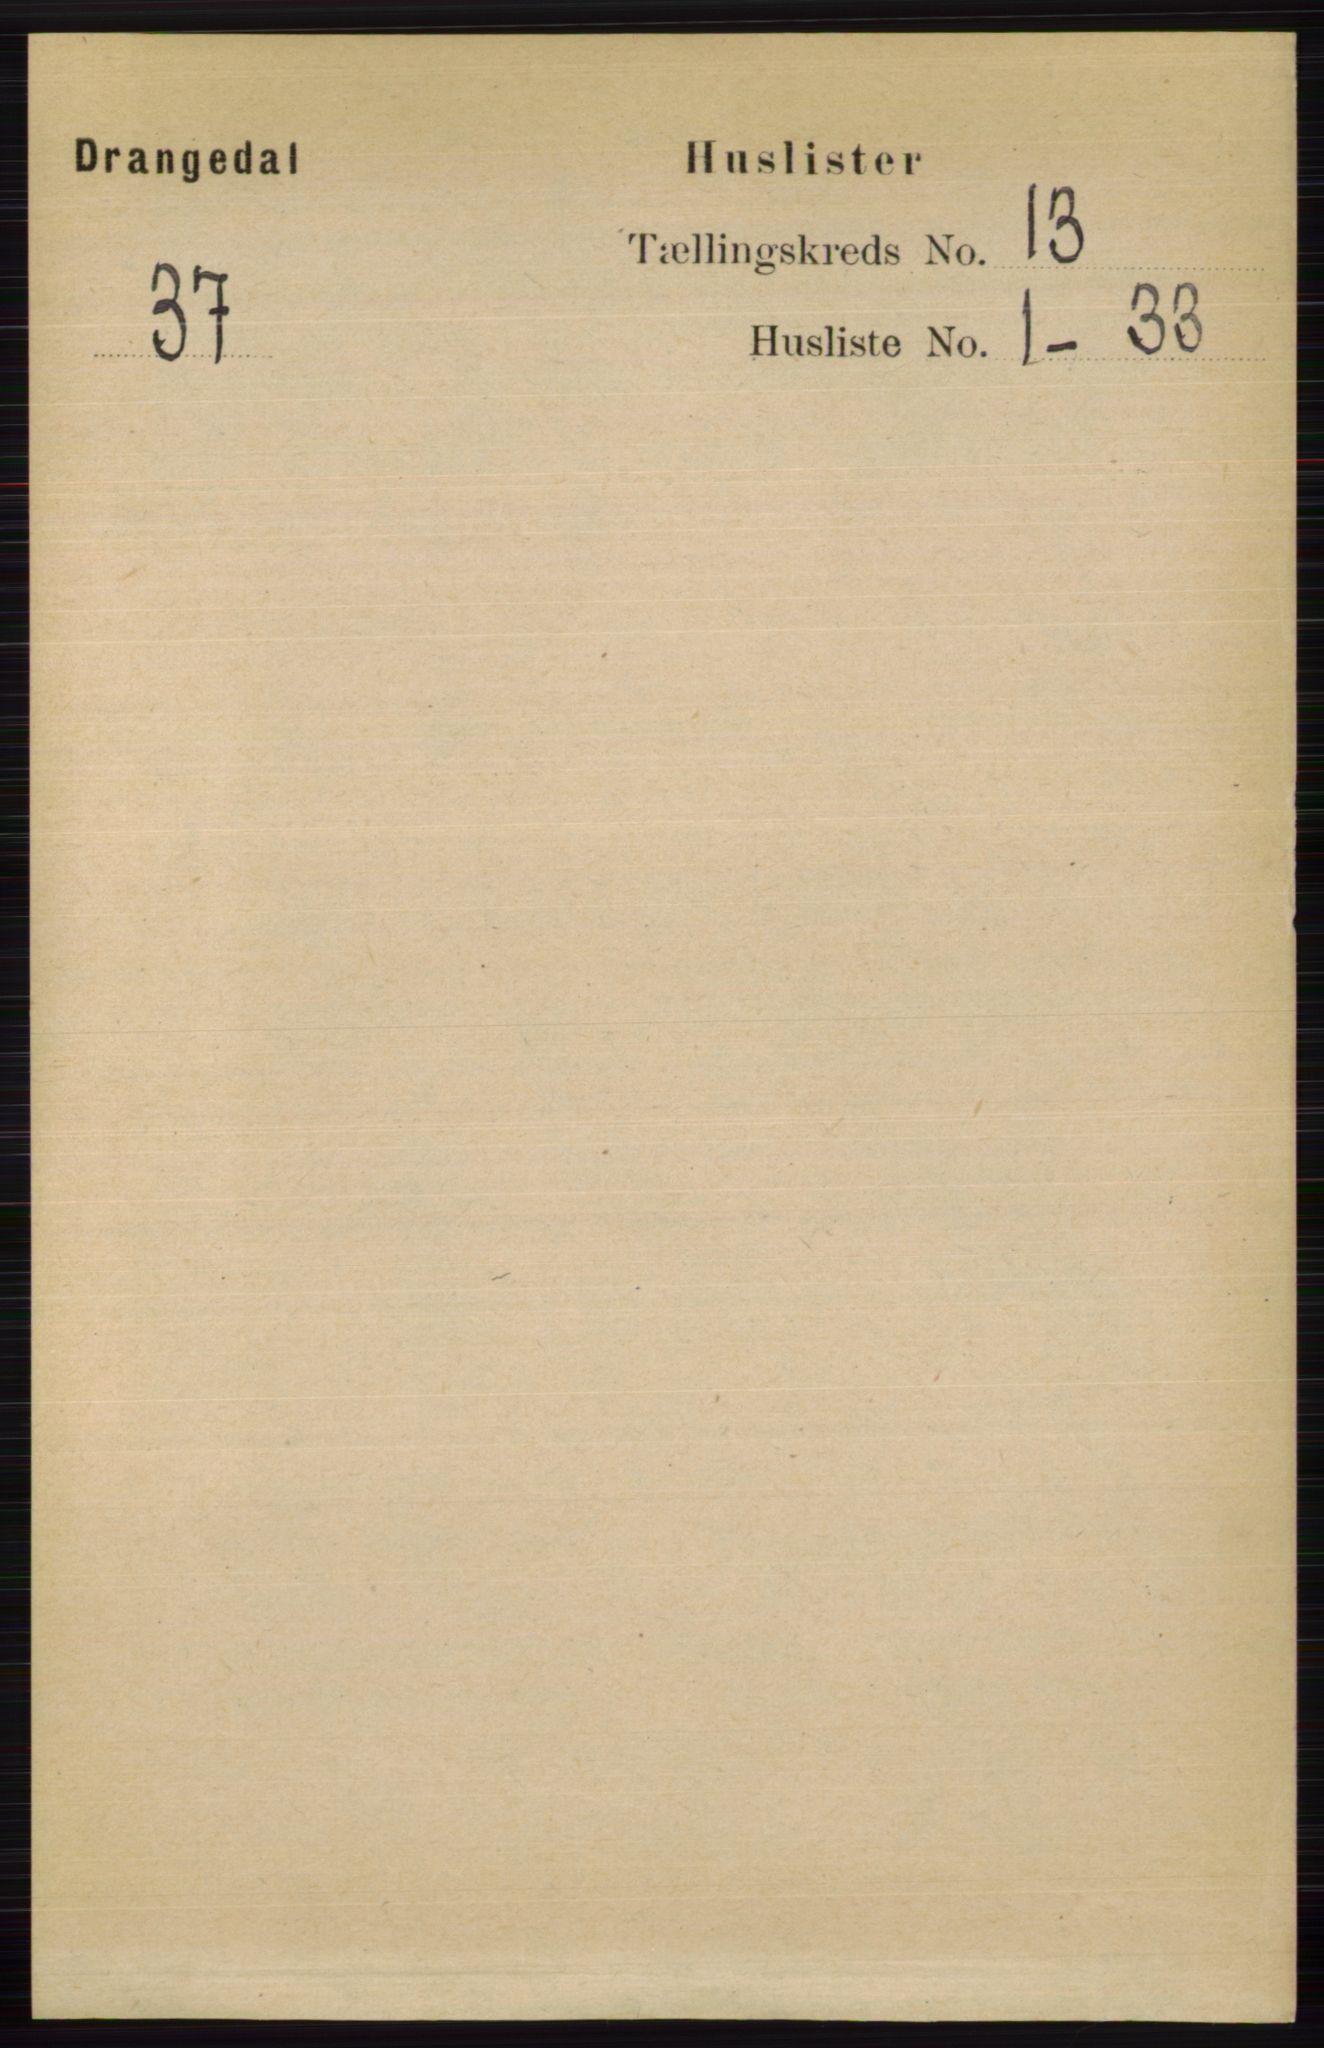 RA, Folketelling 1891 for 0817 Drangedal herred, 1891, s. 4672